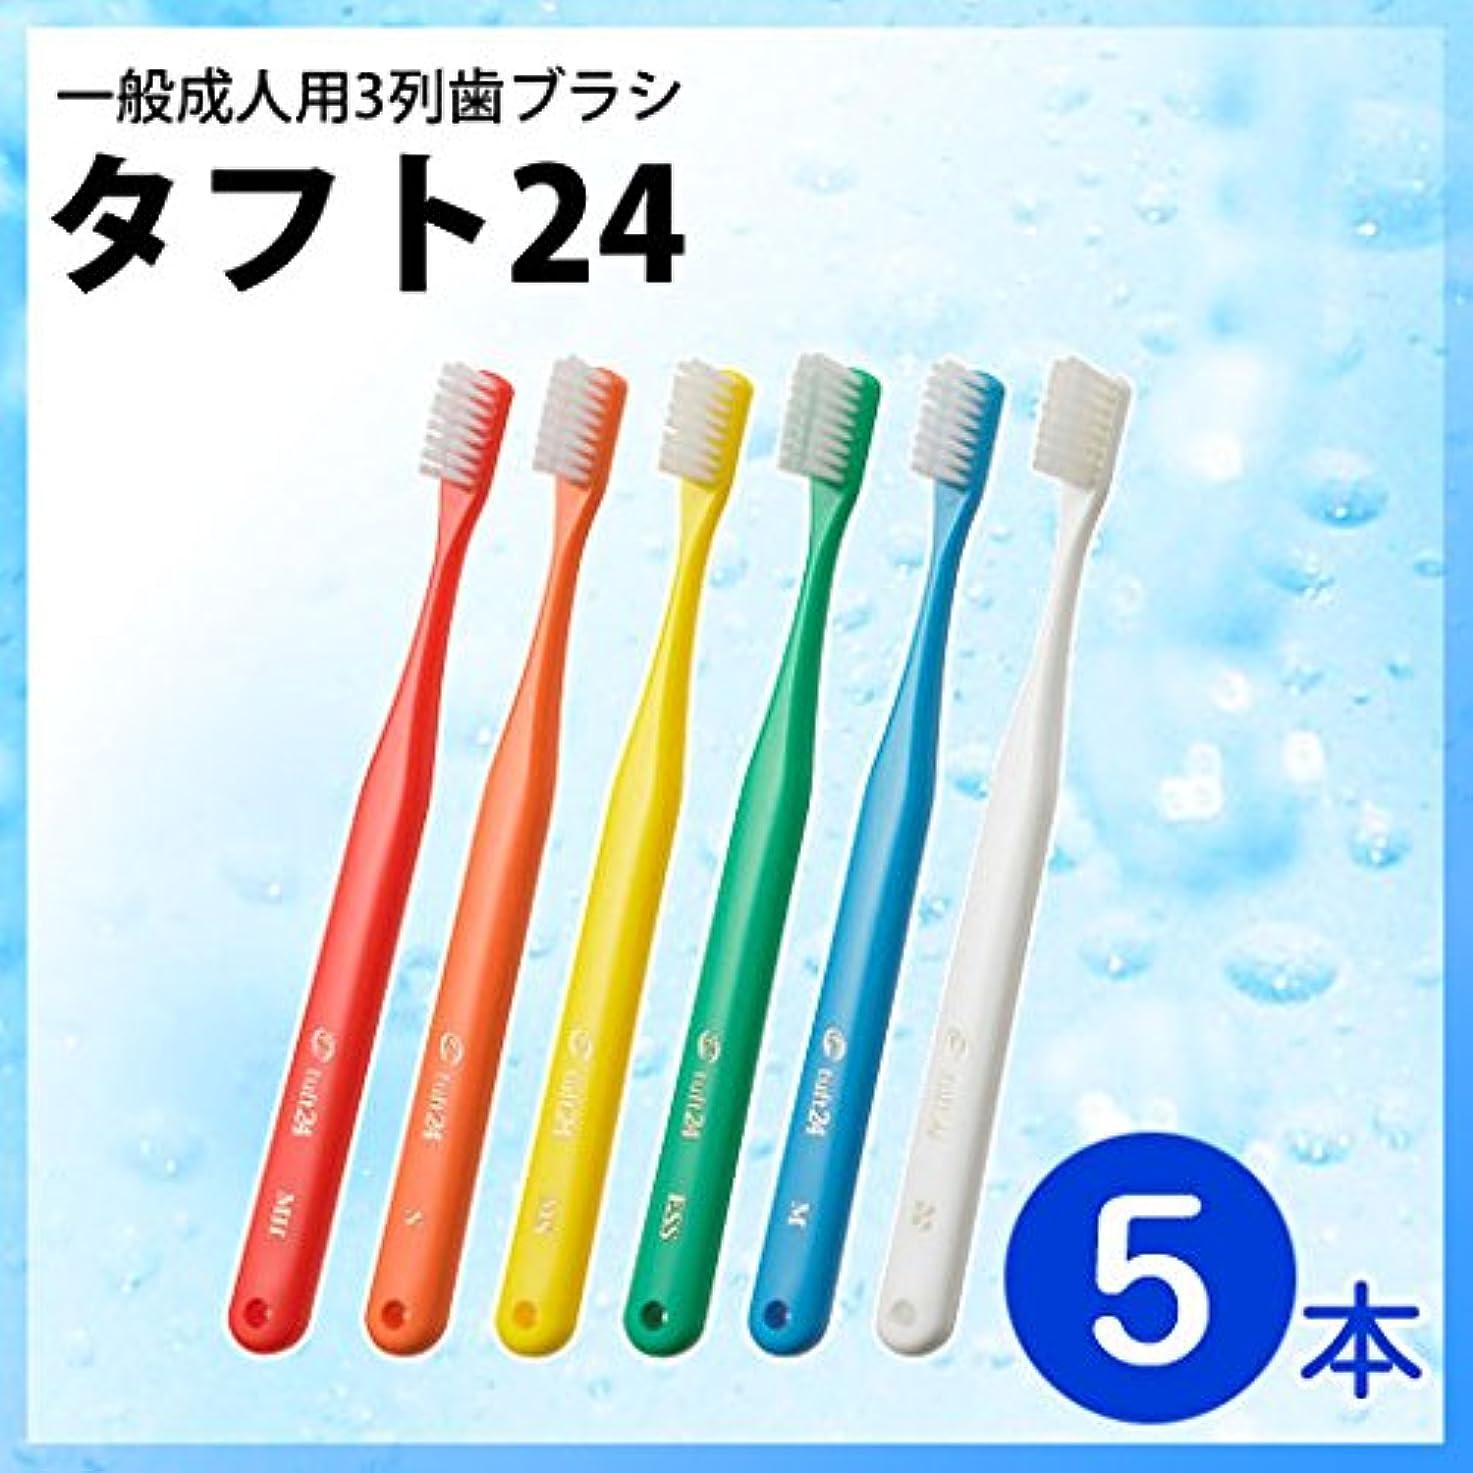 調和のとれた用語集文明タフト24 5本セット オーラルケア 一般成人用 3列歯ブラシ MS(ミディアムソフト) グリーン